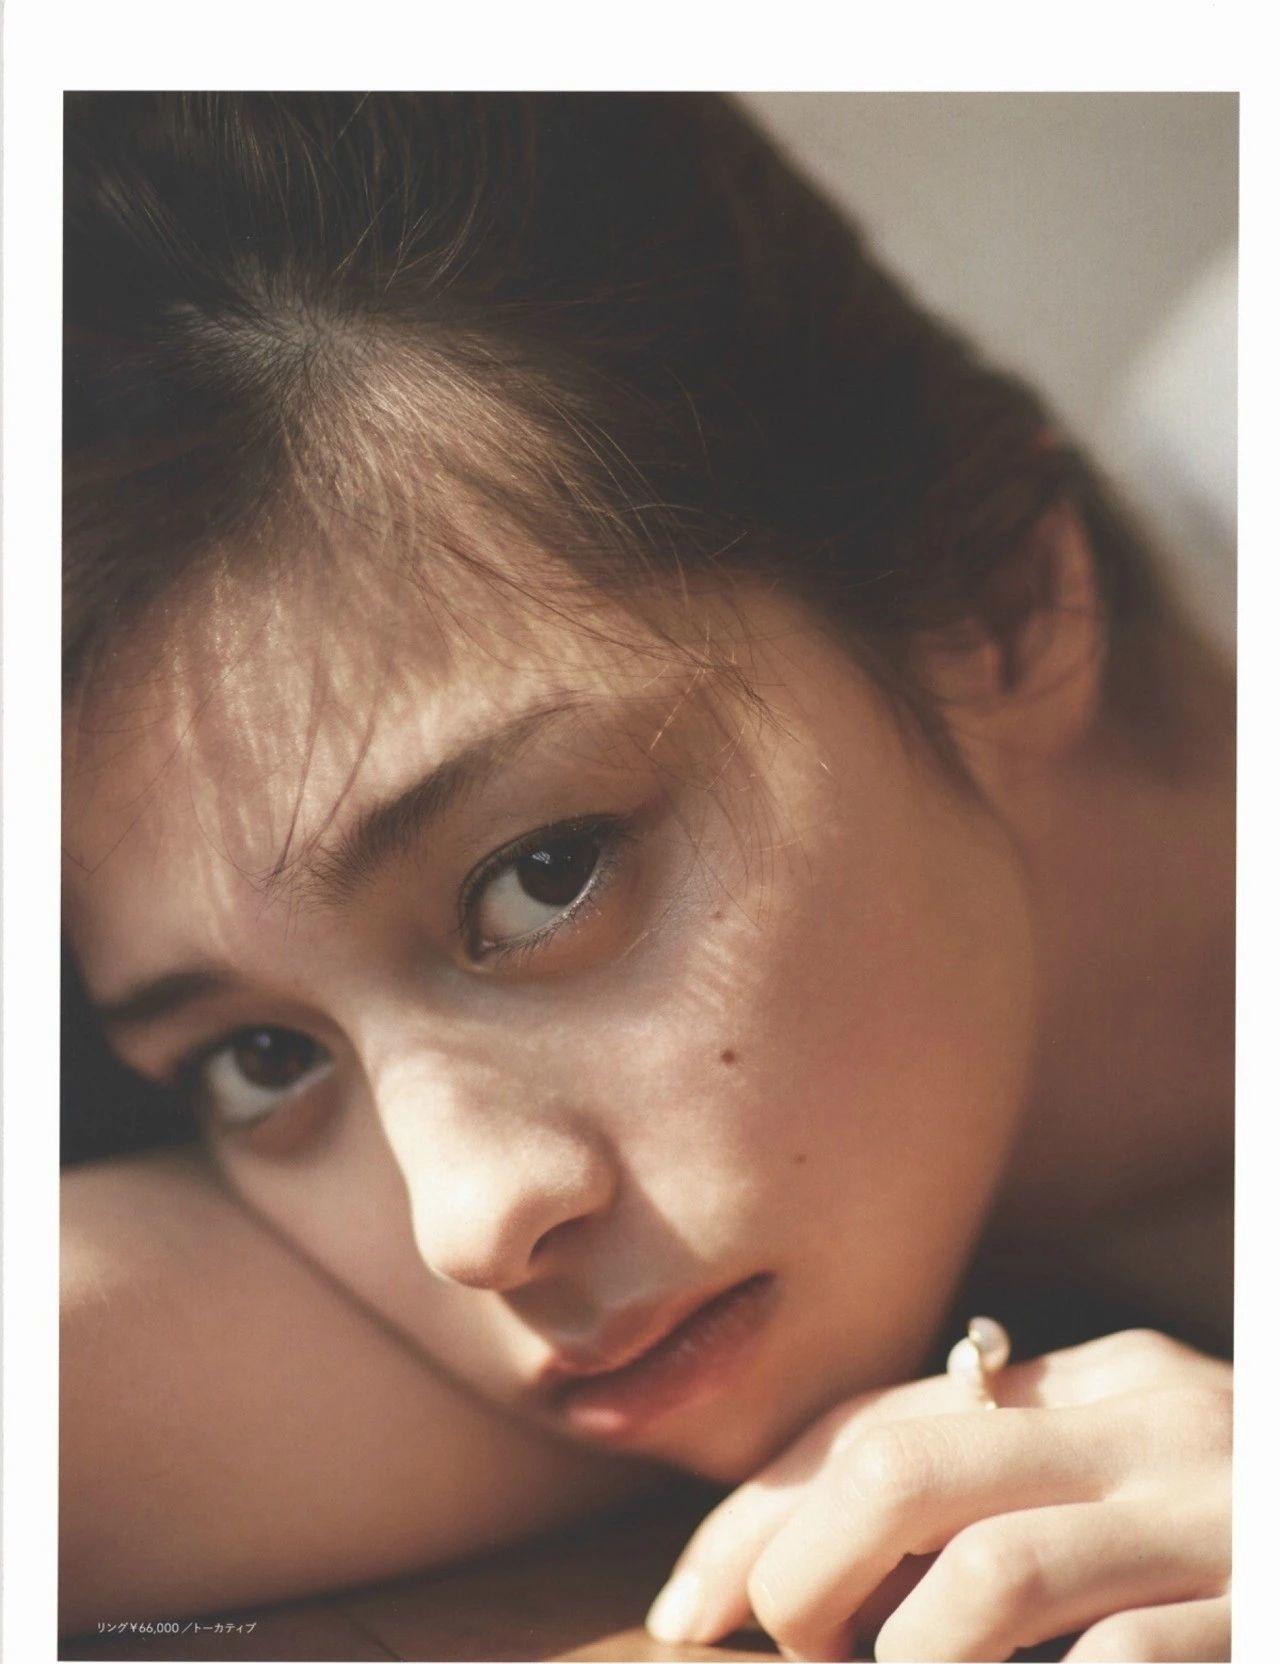 女性最想要的混血颜并且有彩妆种草机之称的中条彩未写真作品 (52)